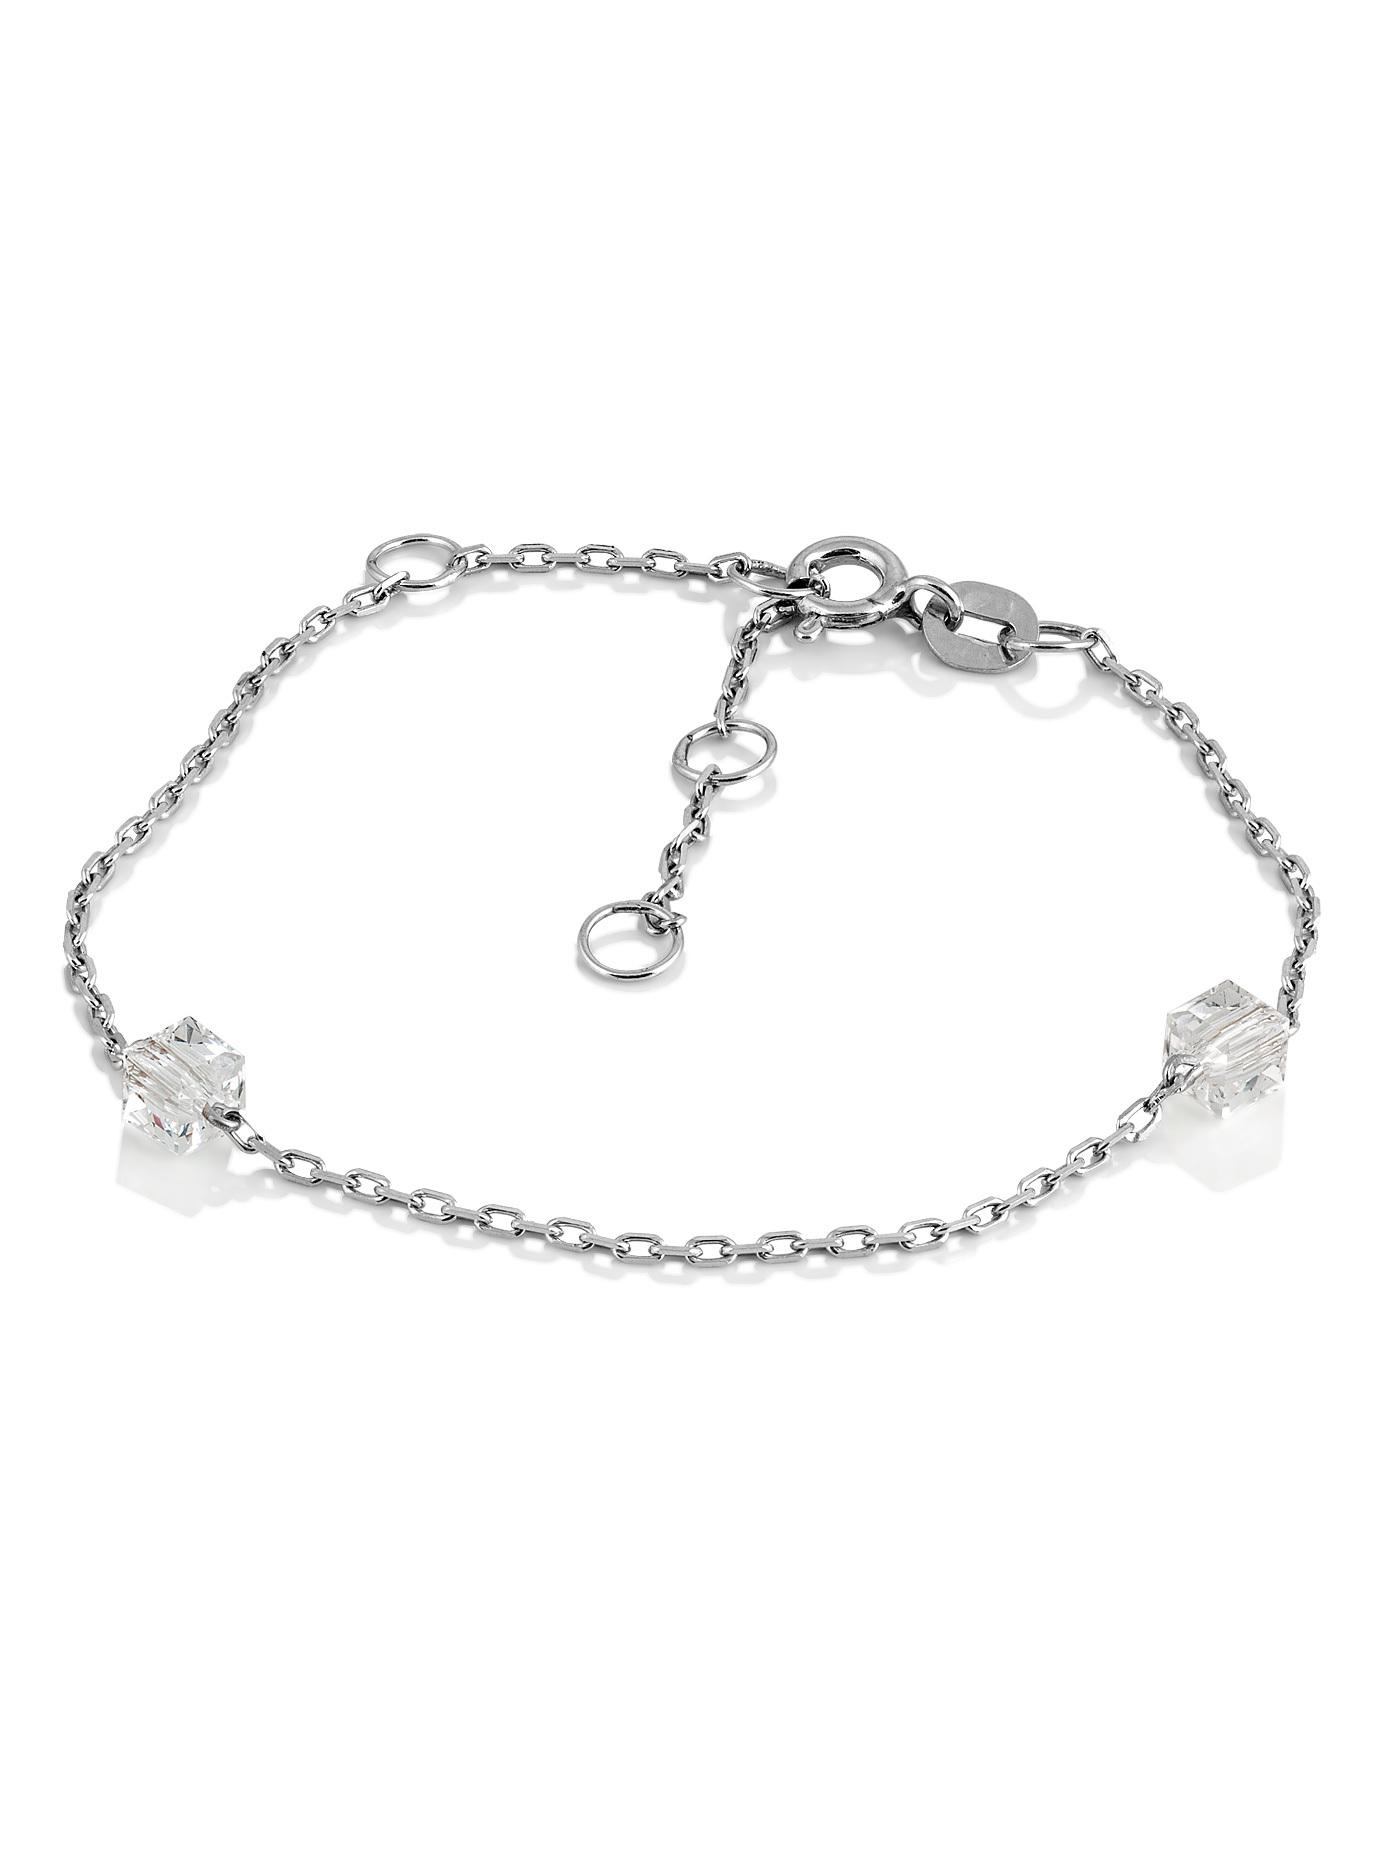 Серебряный браслет к сотуару с премиум-кристаллами